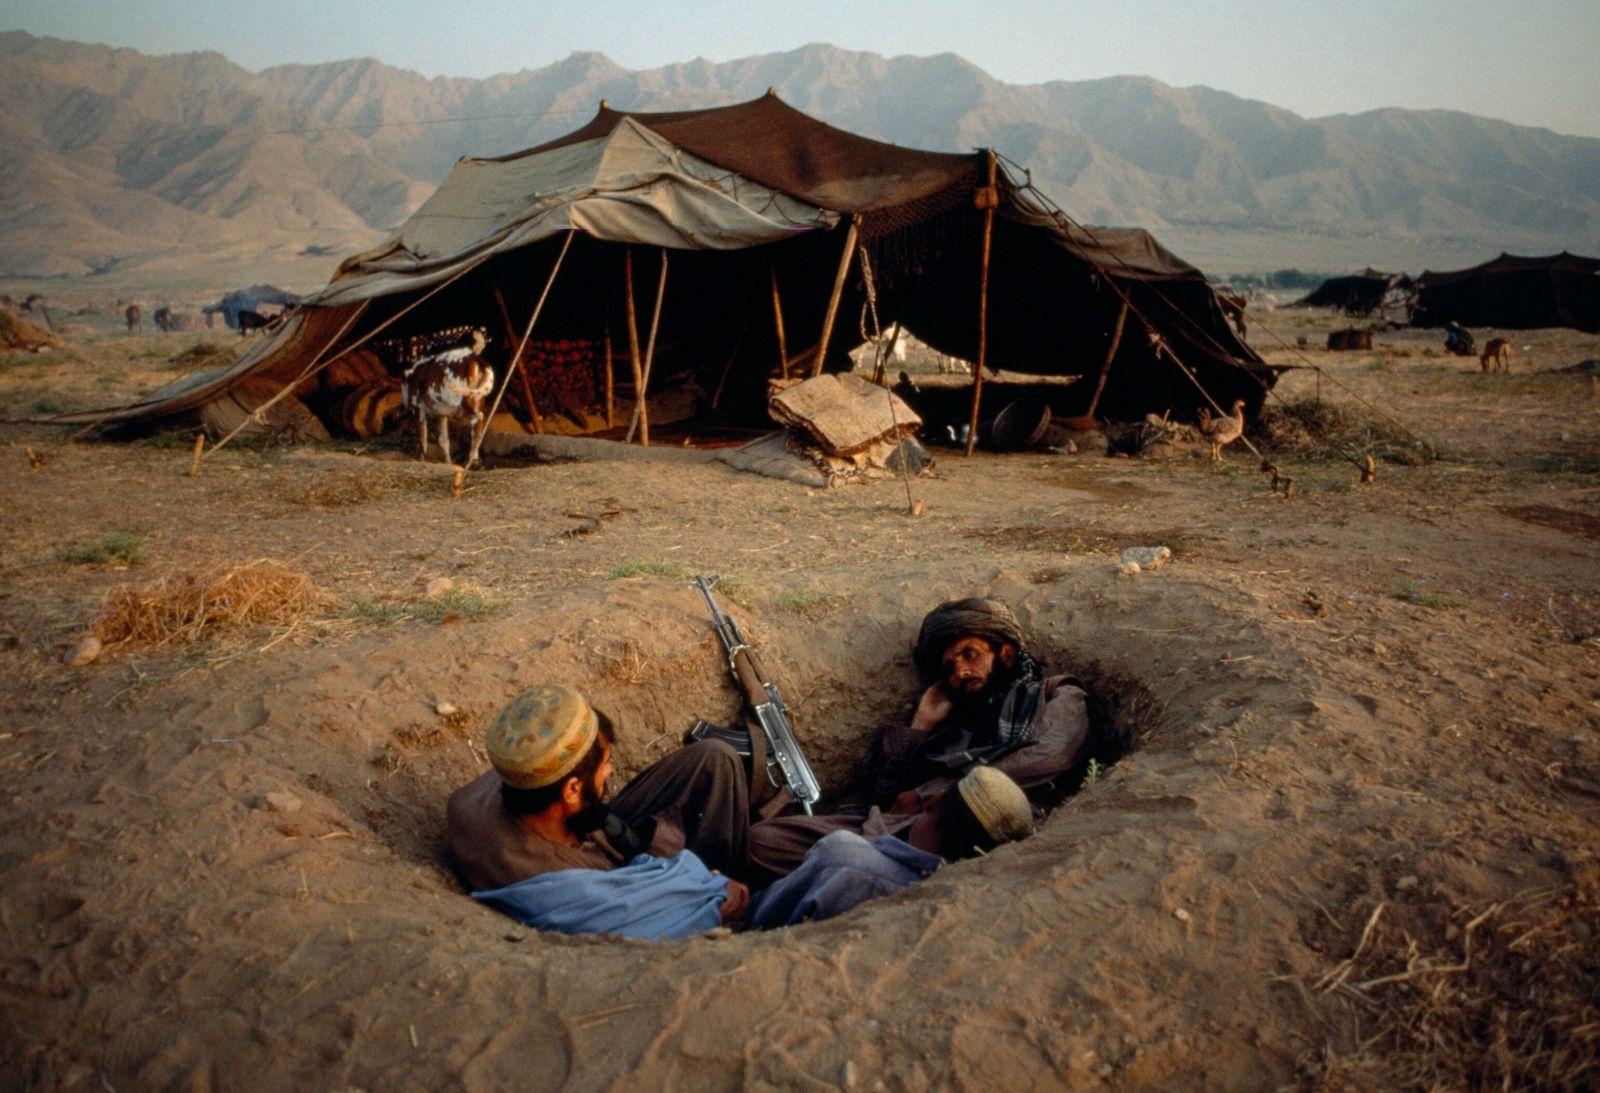 Dois combatentes afegãos buscam cobertura durante o conflito de 2001. Os Estados Unidos invadiram o Afeganistão ...